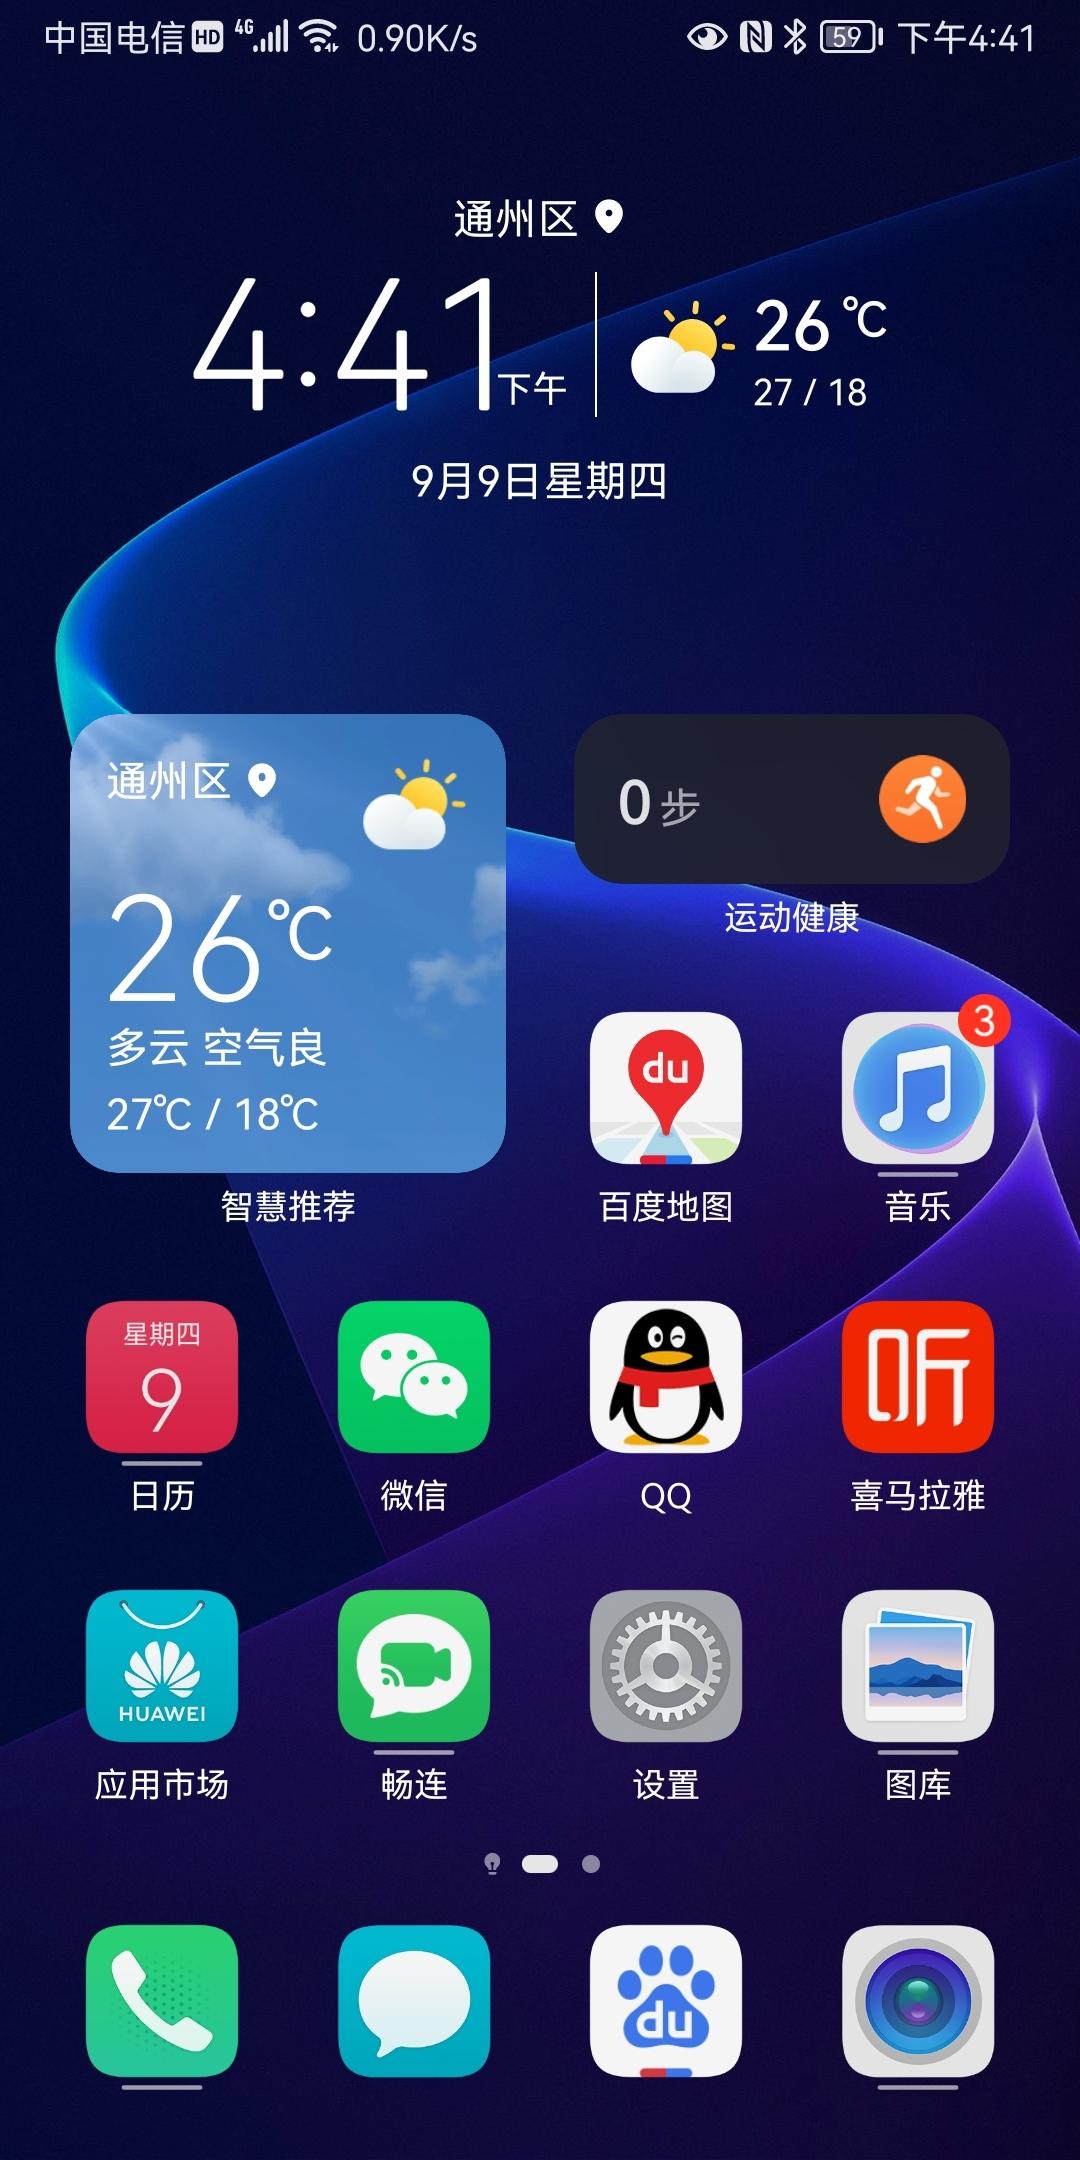 Screenshot_20210909_164127_com.huawei.android.launcher.jpg